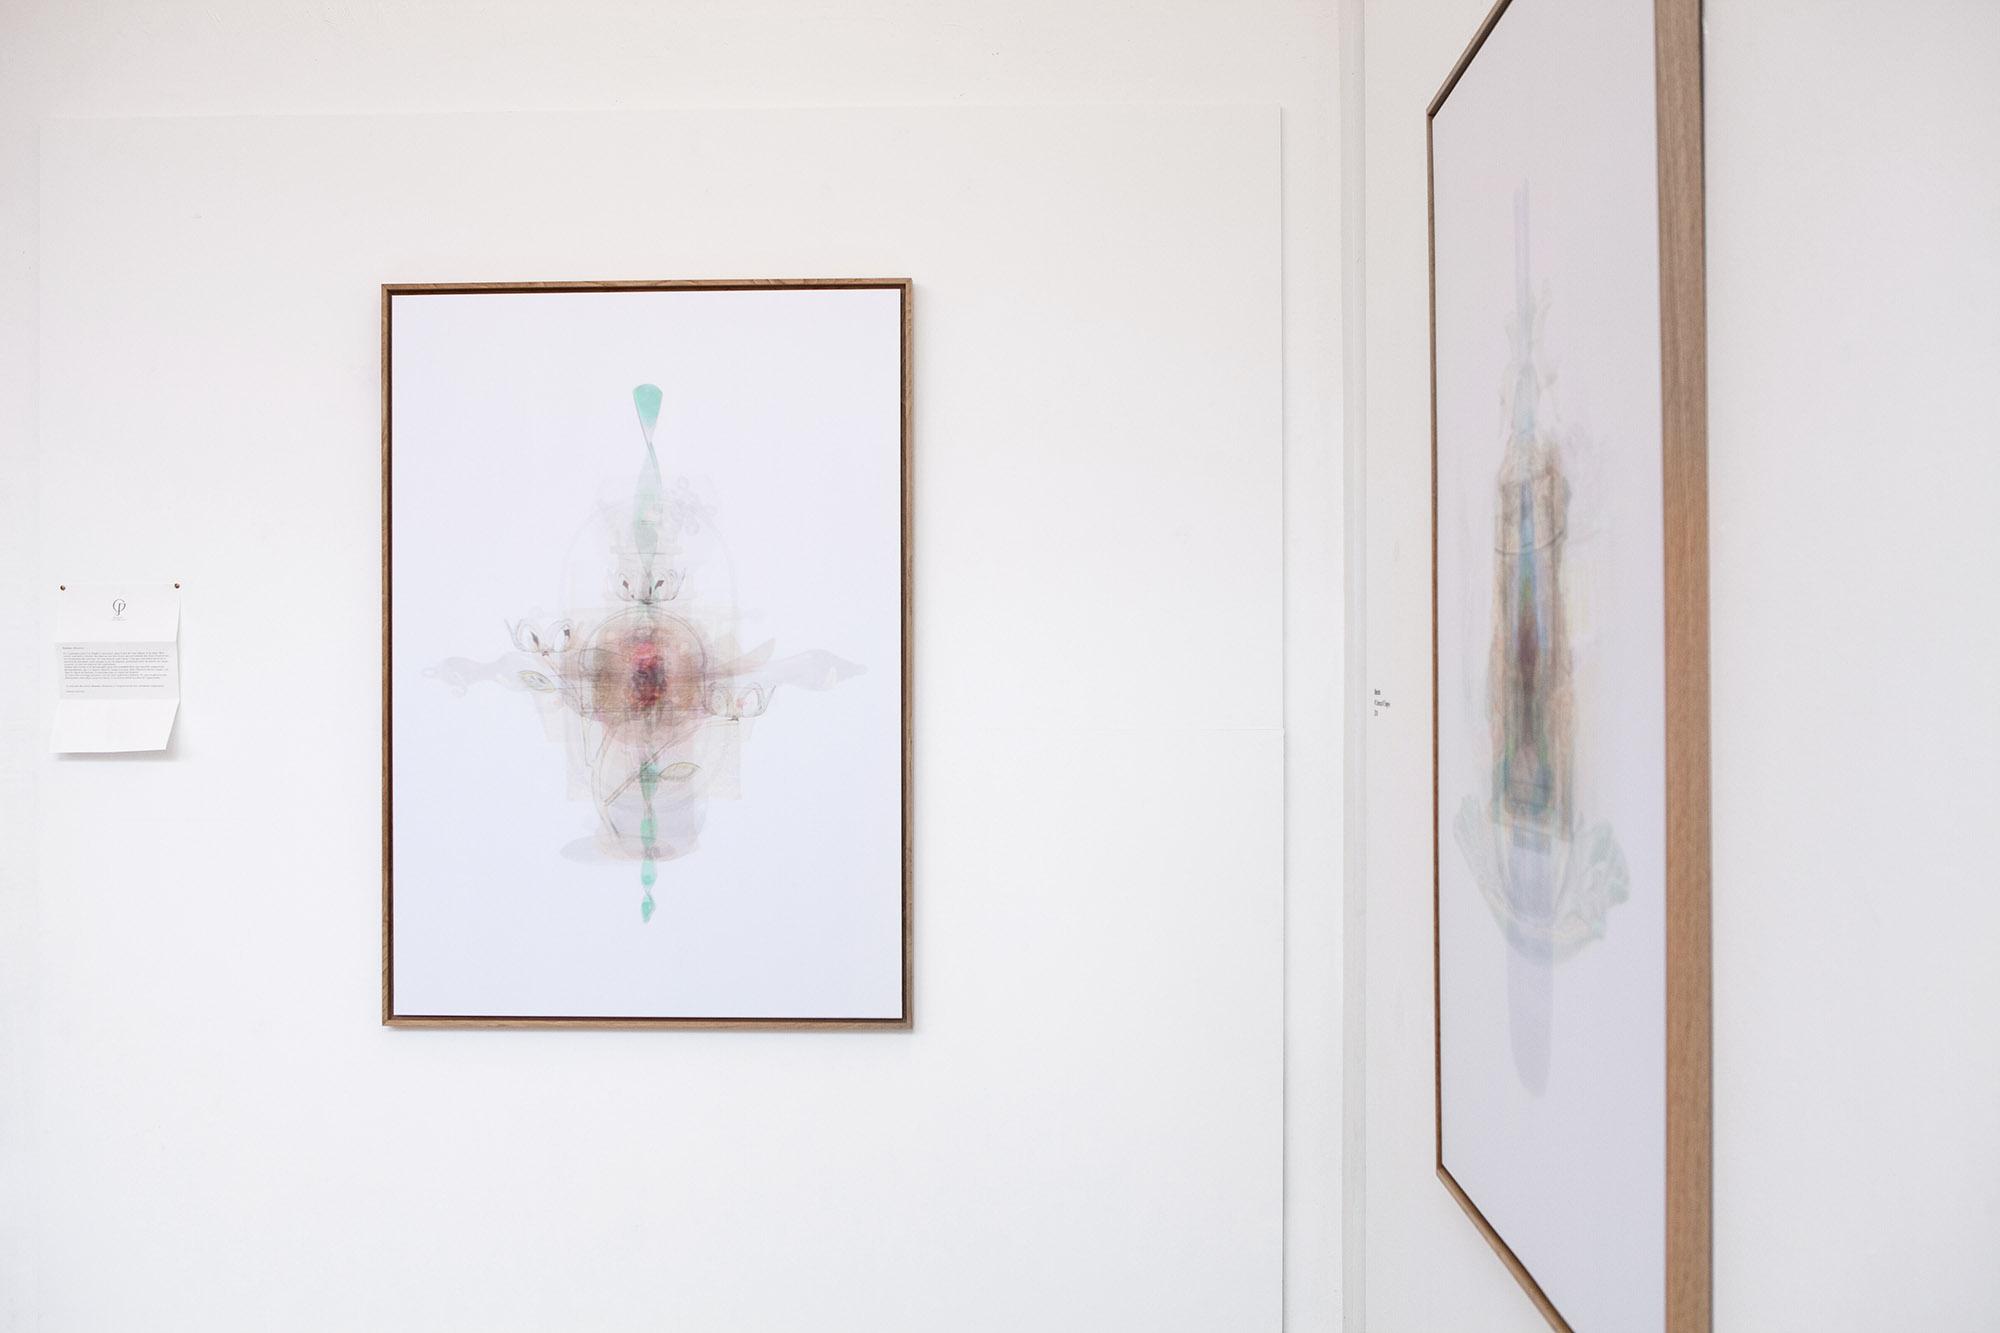 Justine Guerriat_Musée de la Photographie, Charleroi, 2014-2015_008.jpg